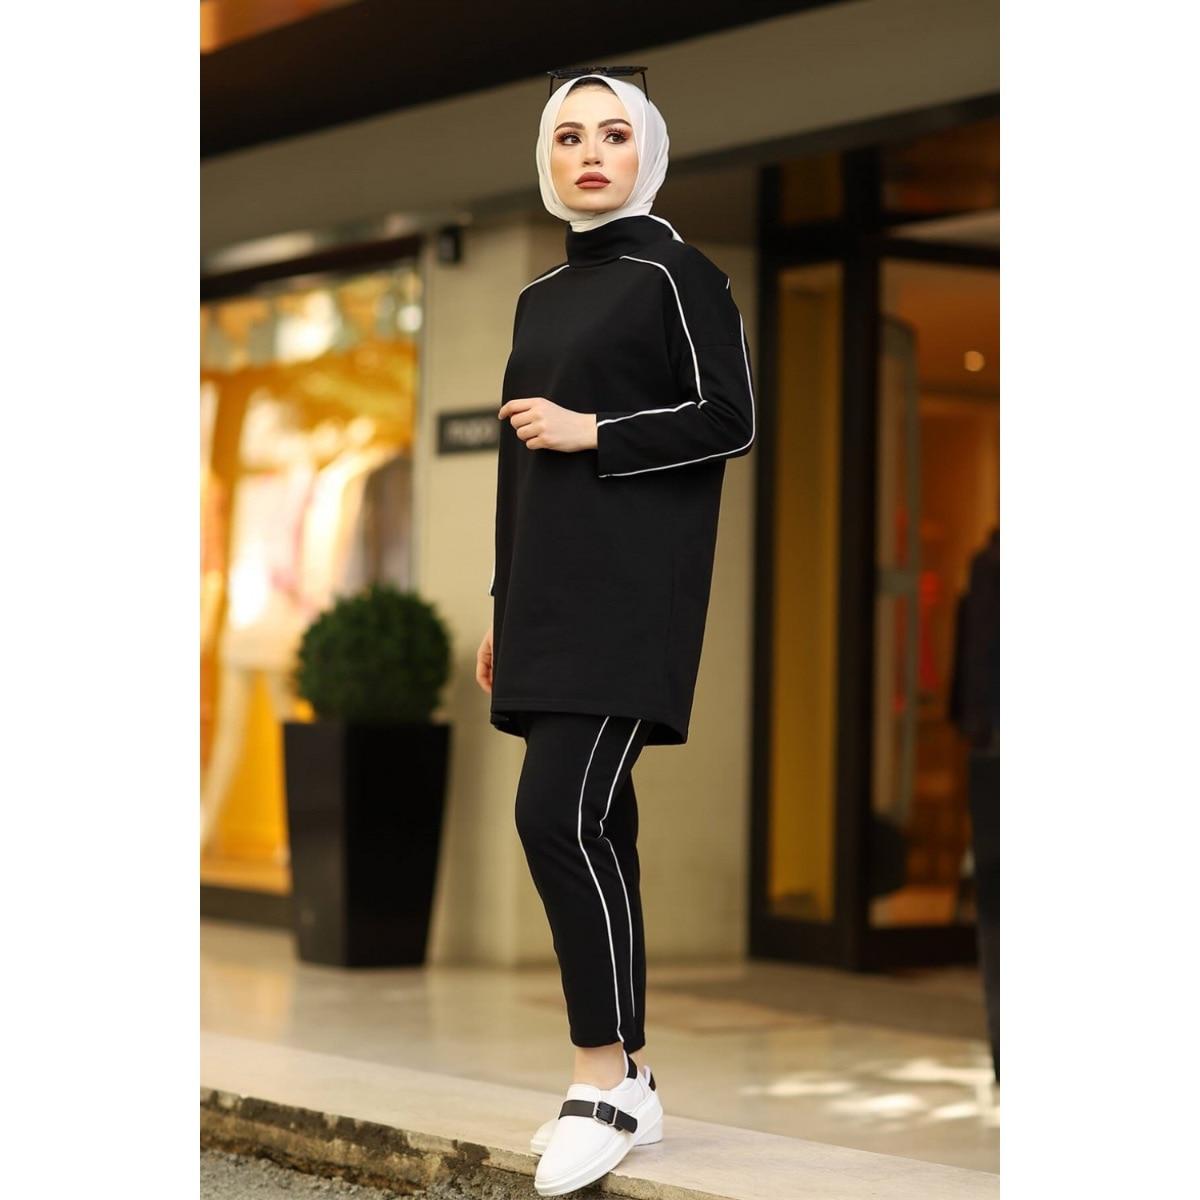 2 قطعة المرأة لينة الرياضة مجموعة شريط منقوشة طويلة الأكمام سترة و بانت مريحة رياضية مجموعة جودة تركيا 2021